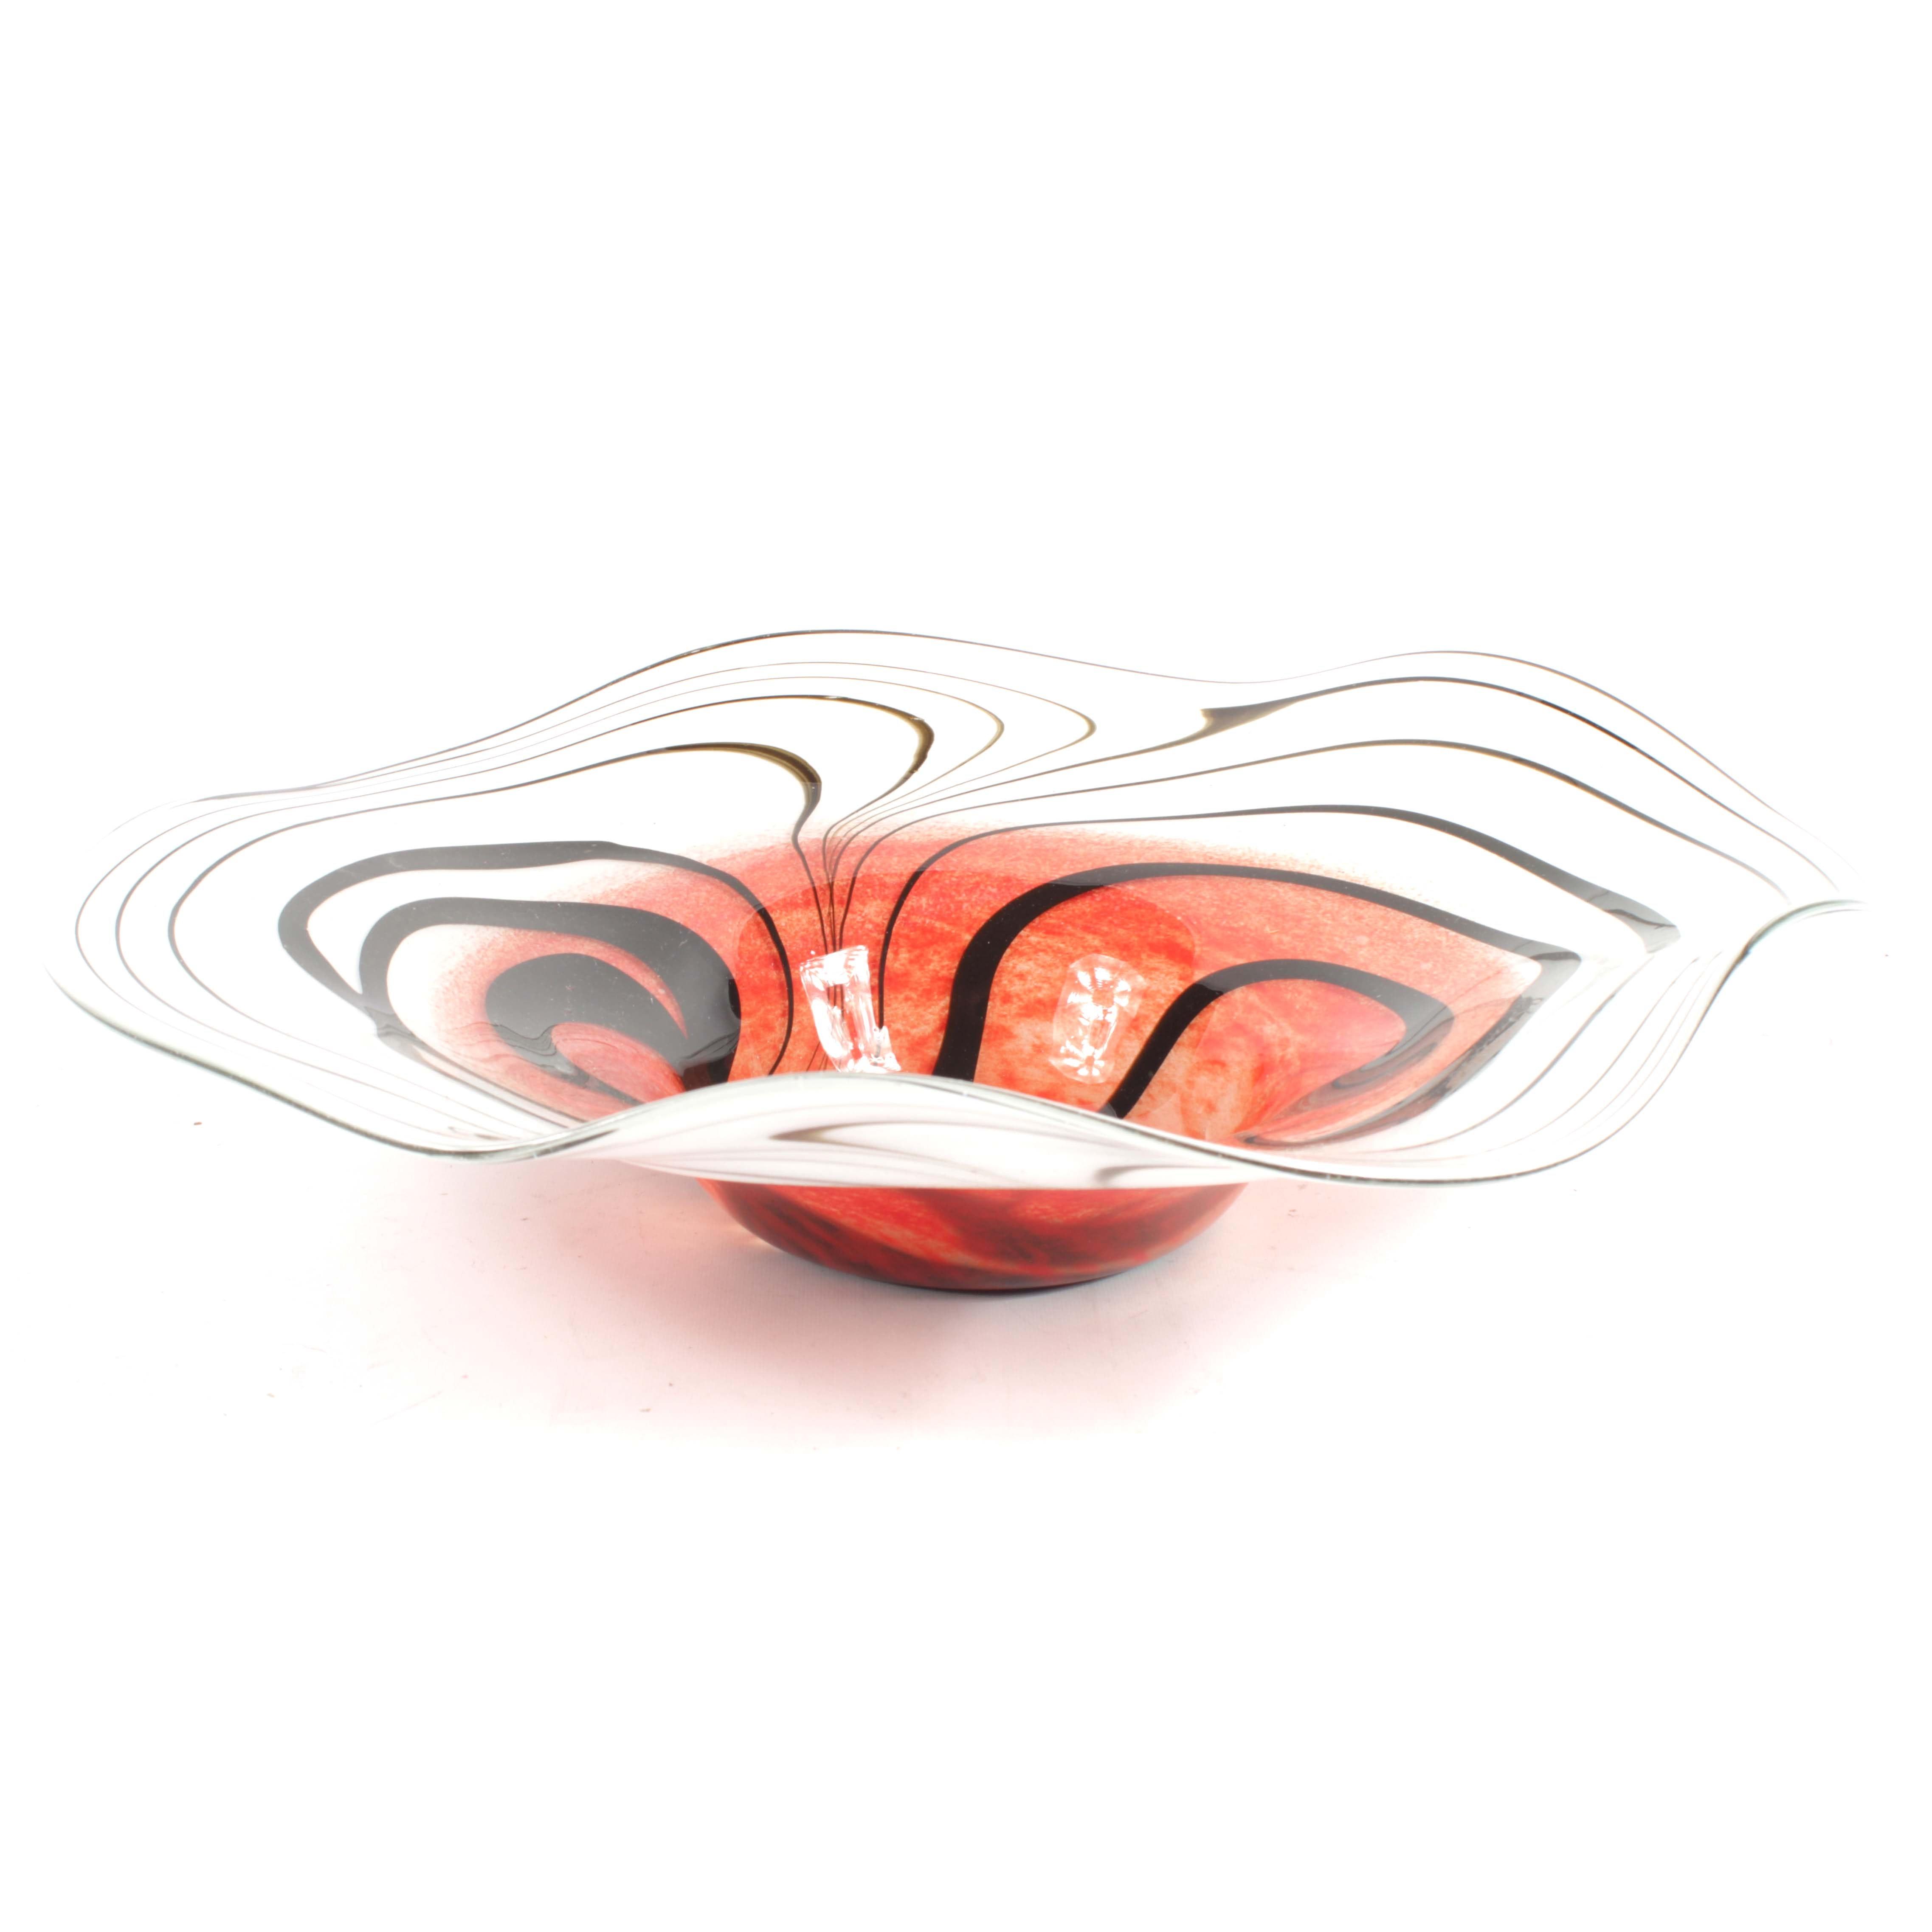 G. Daneau Contemporary Art Glass Bowl